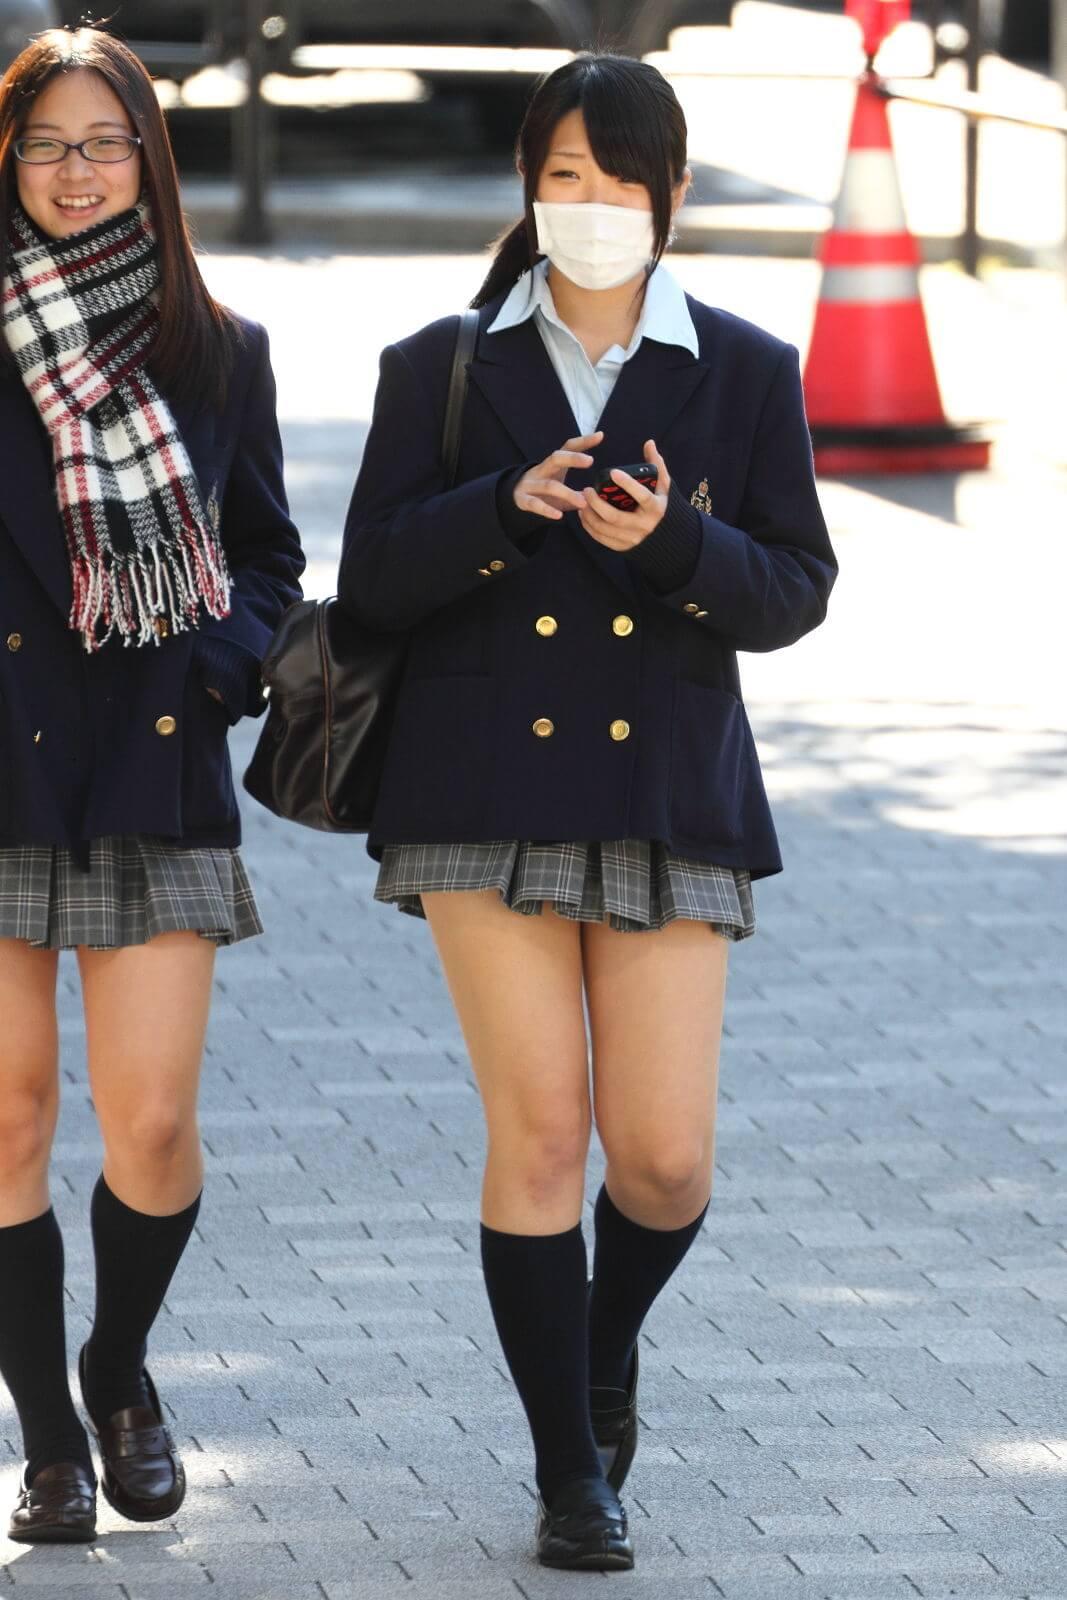 【画像】真冬におまた冷え冷えな女子高生ちゃん